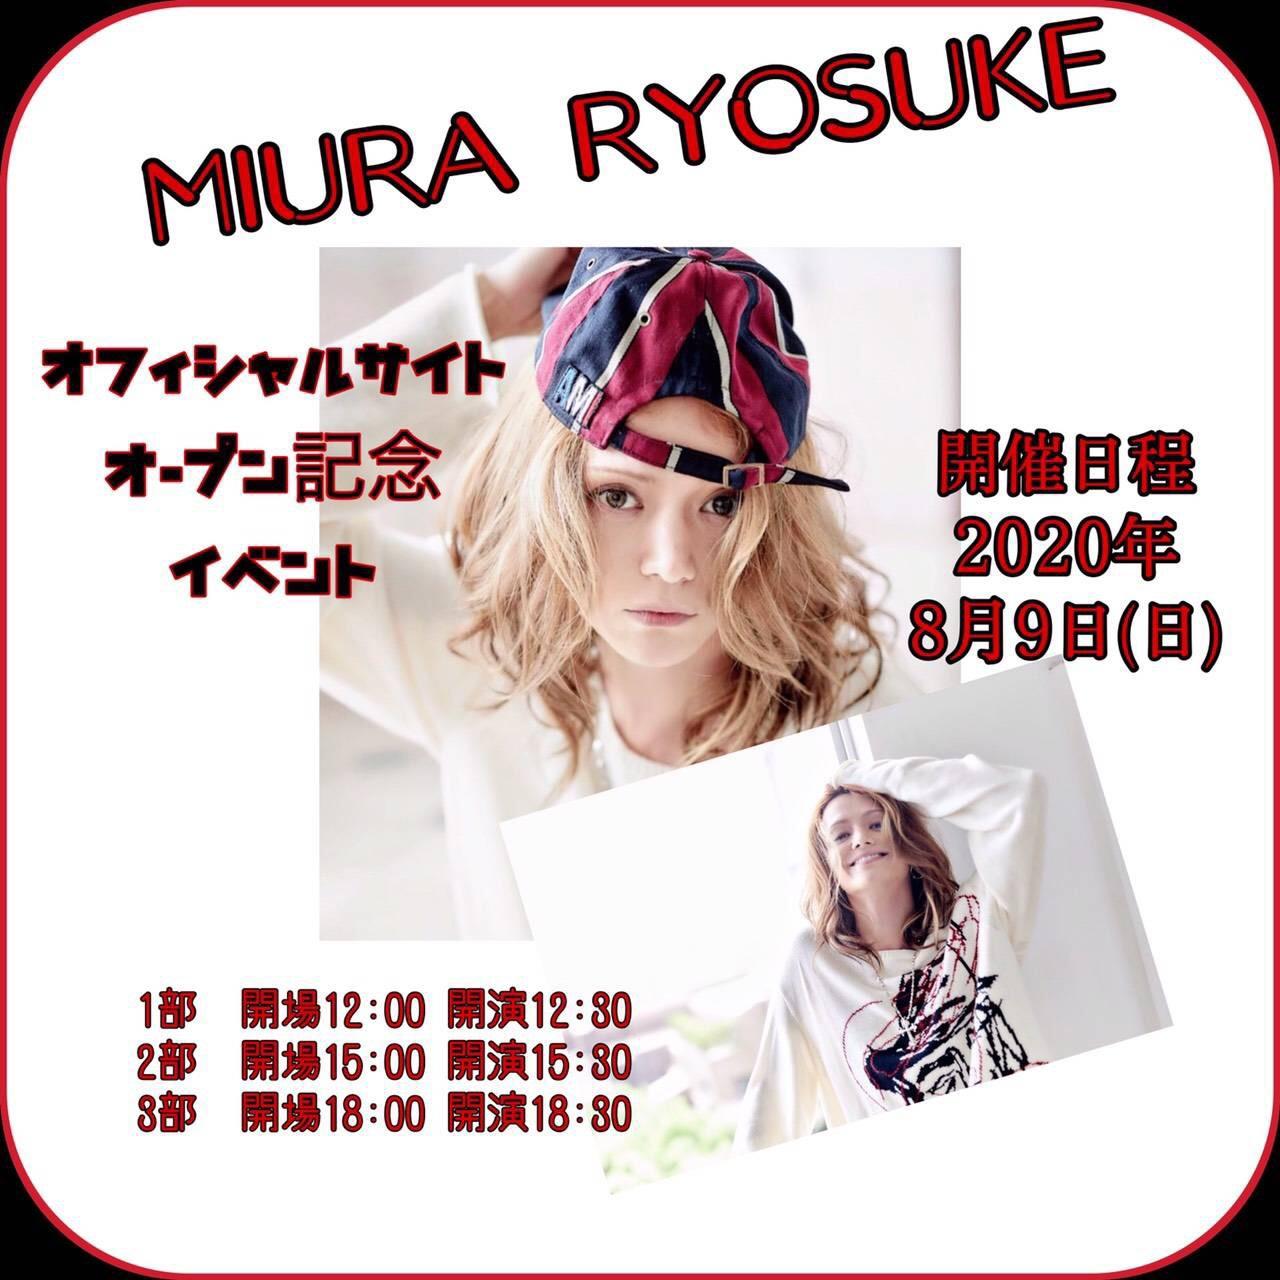 「MIURA RYOSUKE」オフィシャルサイトオープン記念イベント